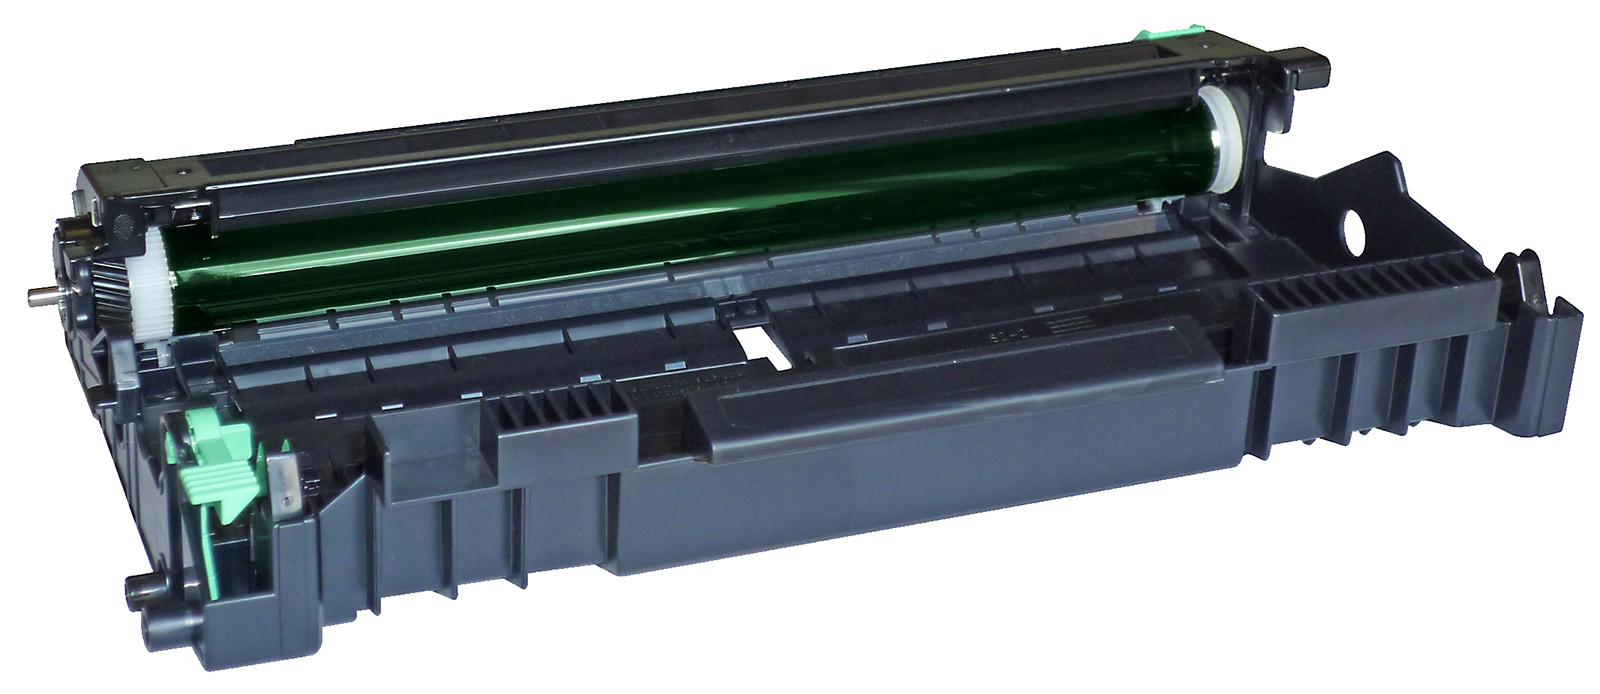 Yaha Toner Sort Høykapasitet (9.000 sider), erstatter Lexmark X264H11G Y15430